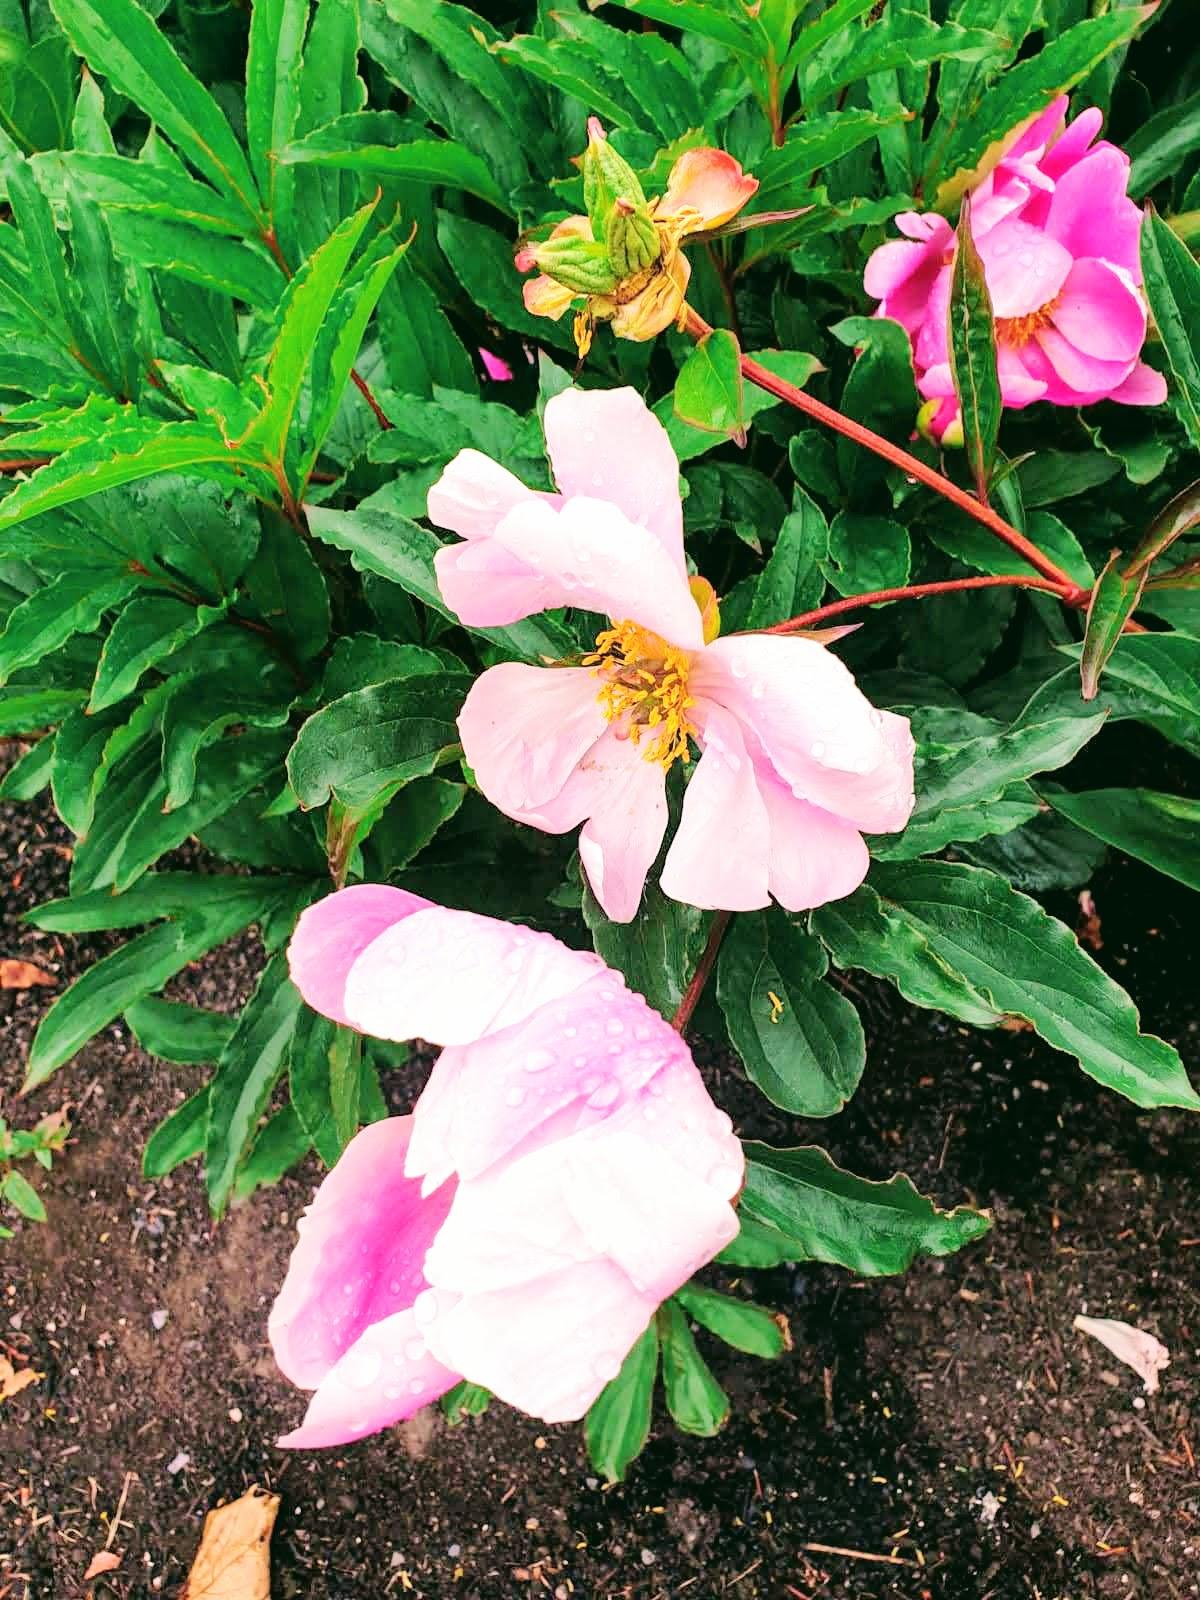 Rained On Flowers